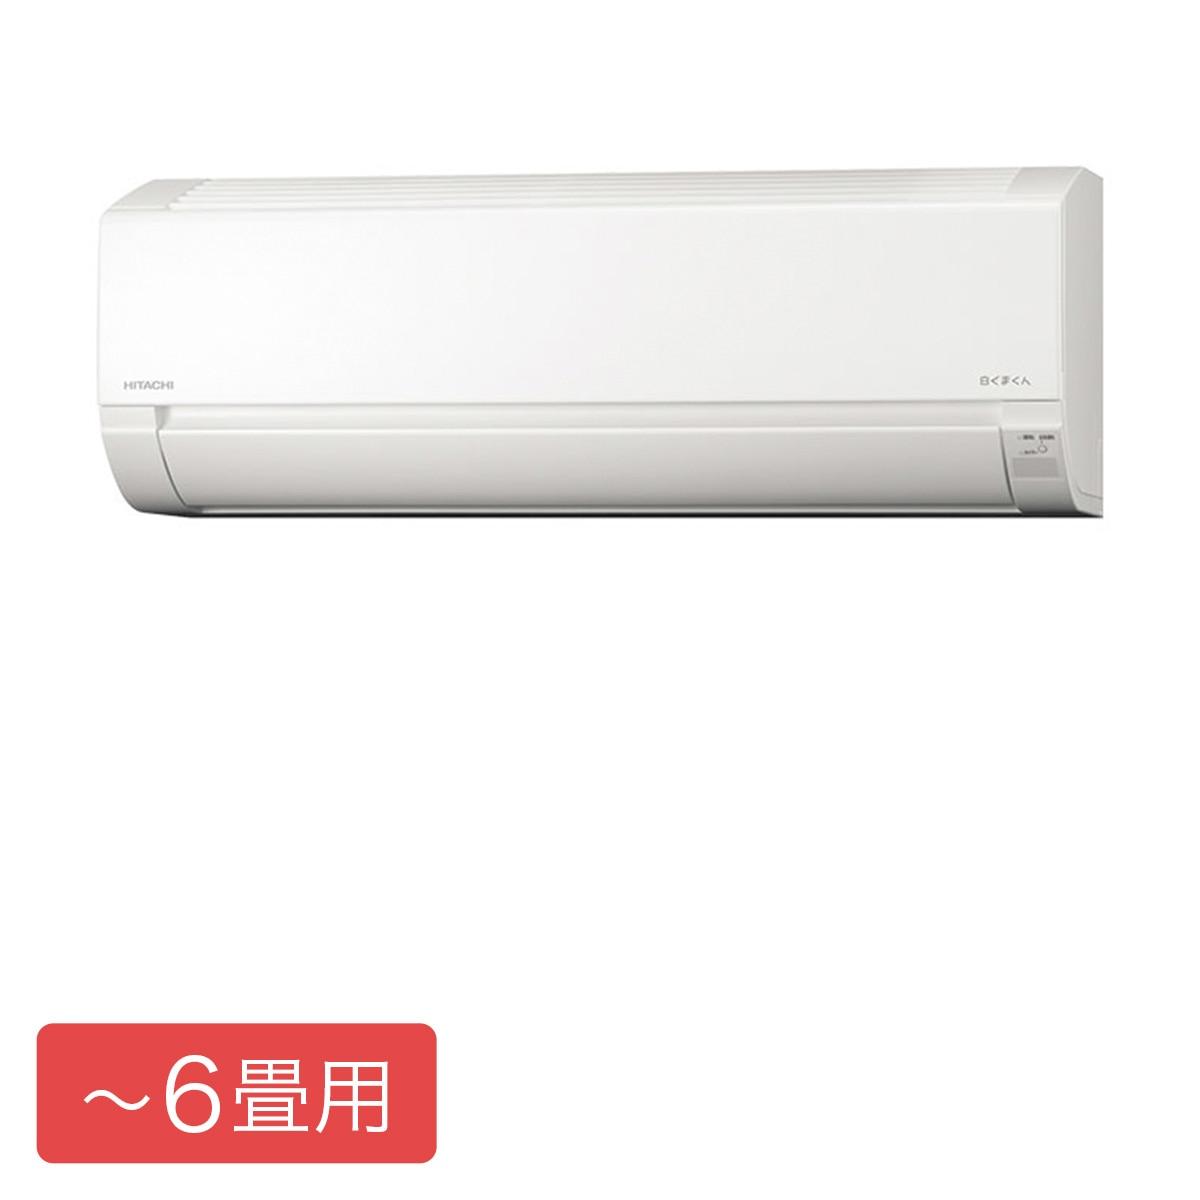 日立 白くまくん AJシリーズ ルームエアコン おもに6畳用【大型商品(設置工事可)】 RAS-AJ22L-W